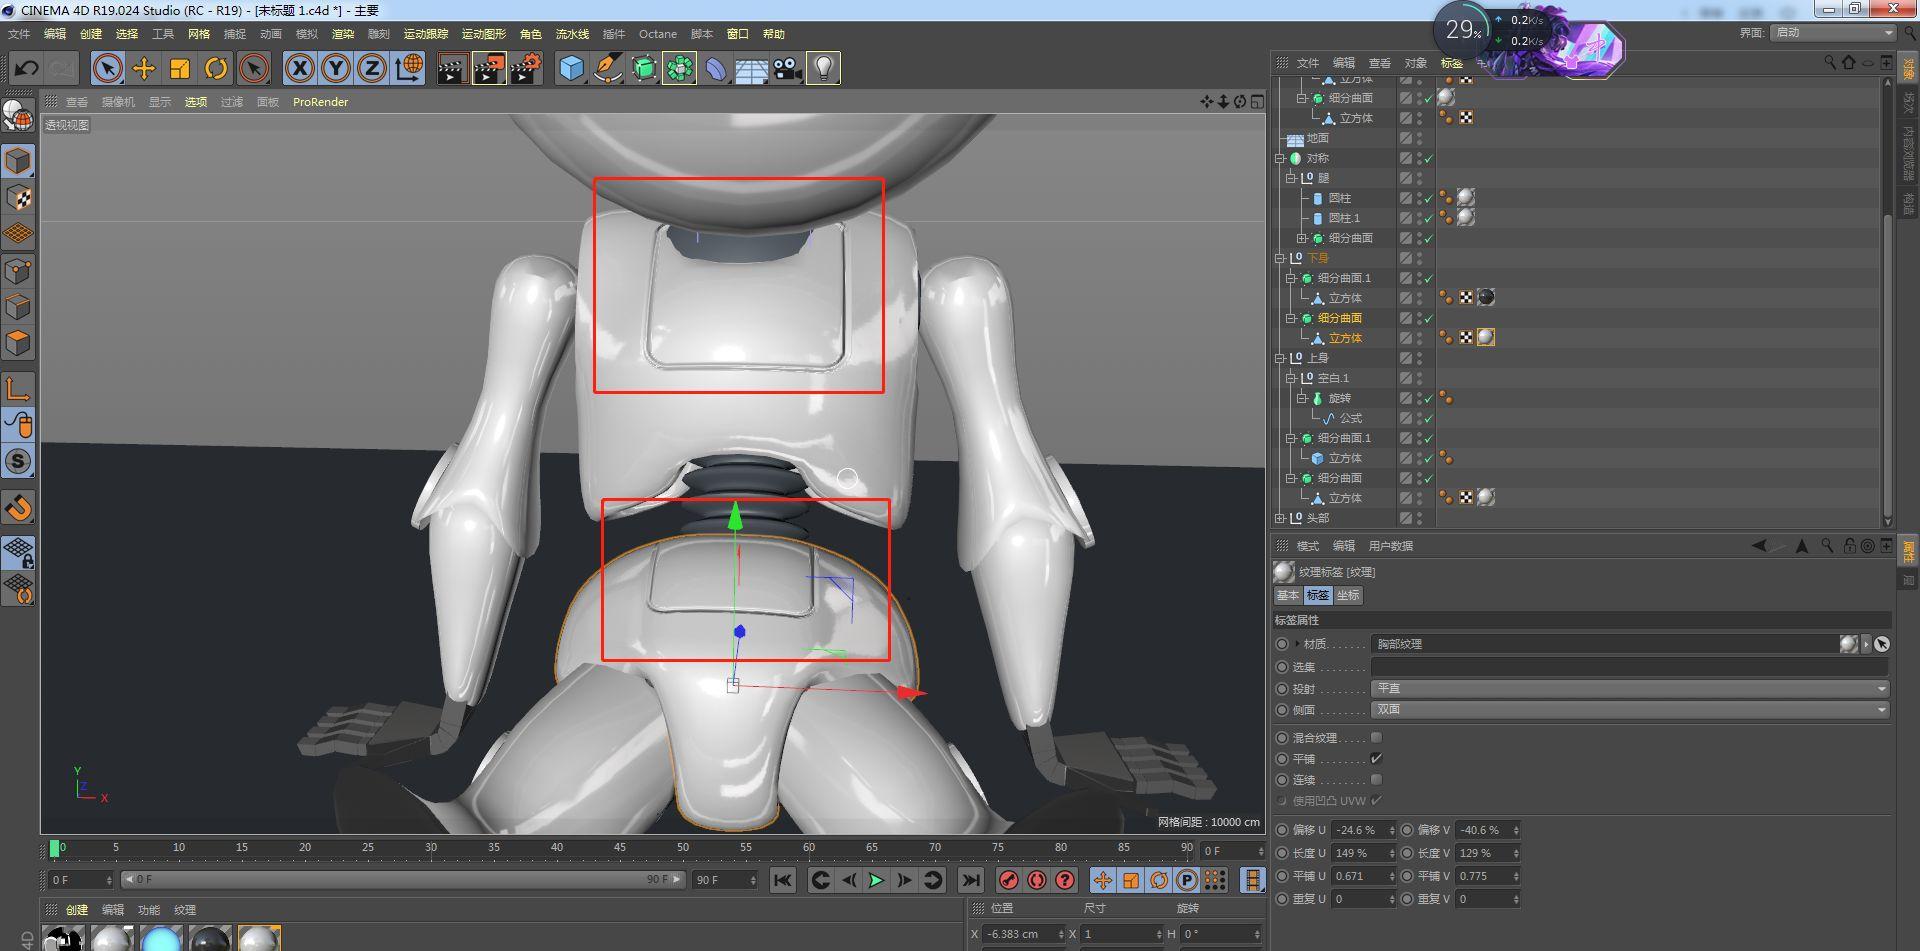 c4d怎么做机器人模型(17)